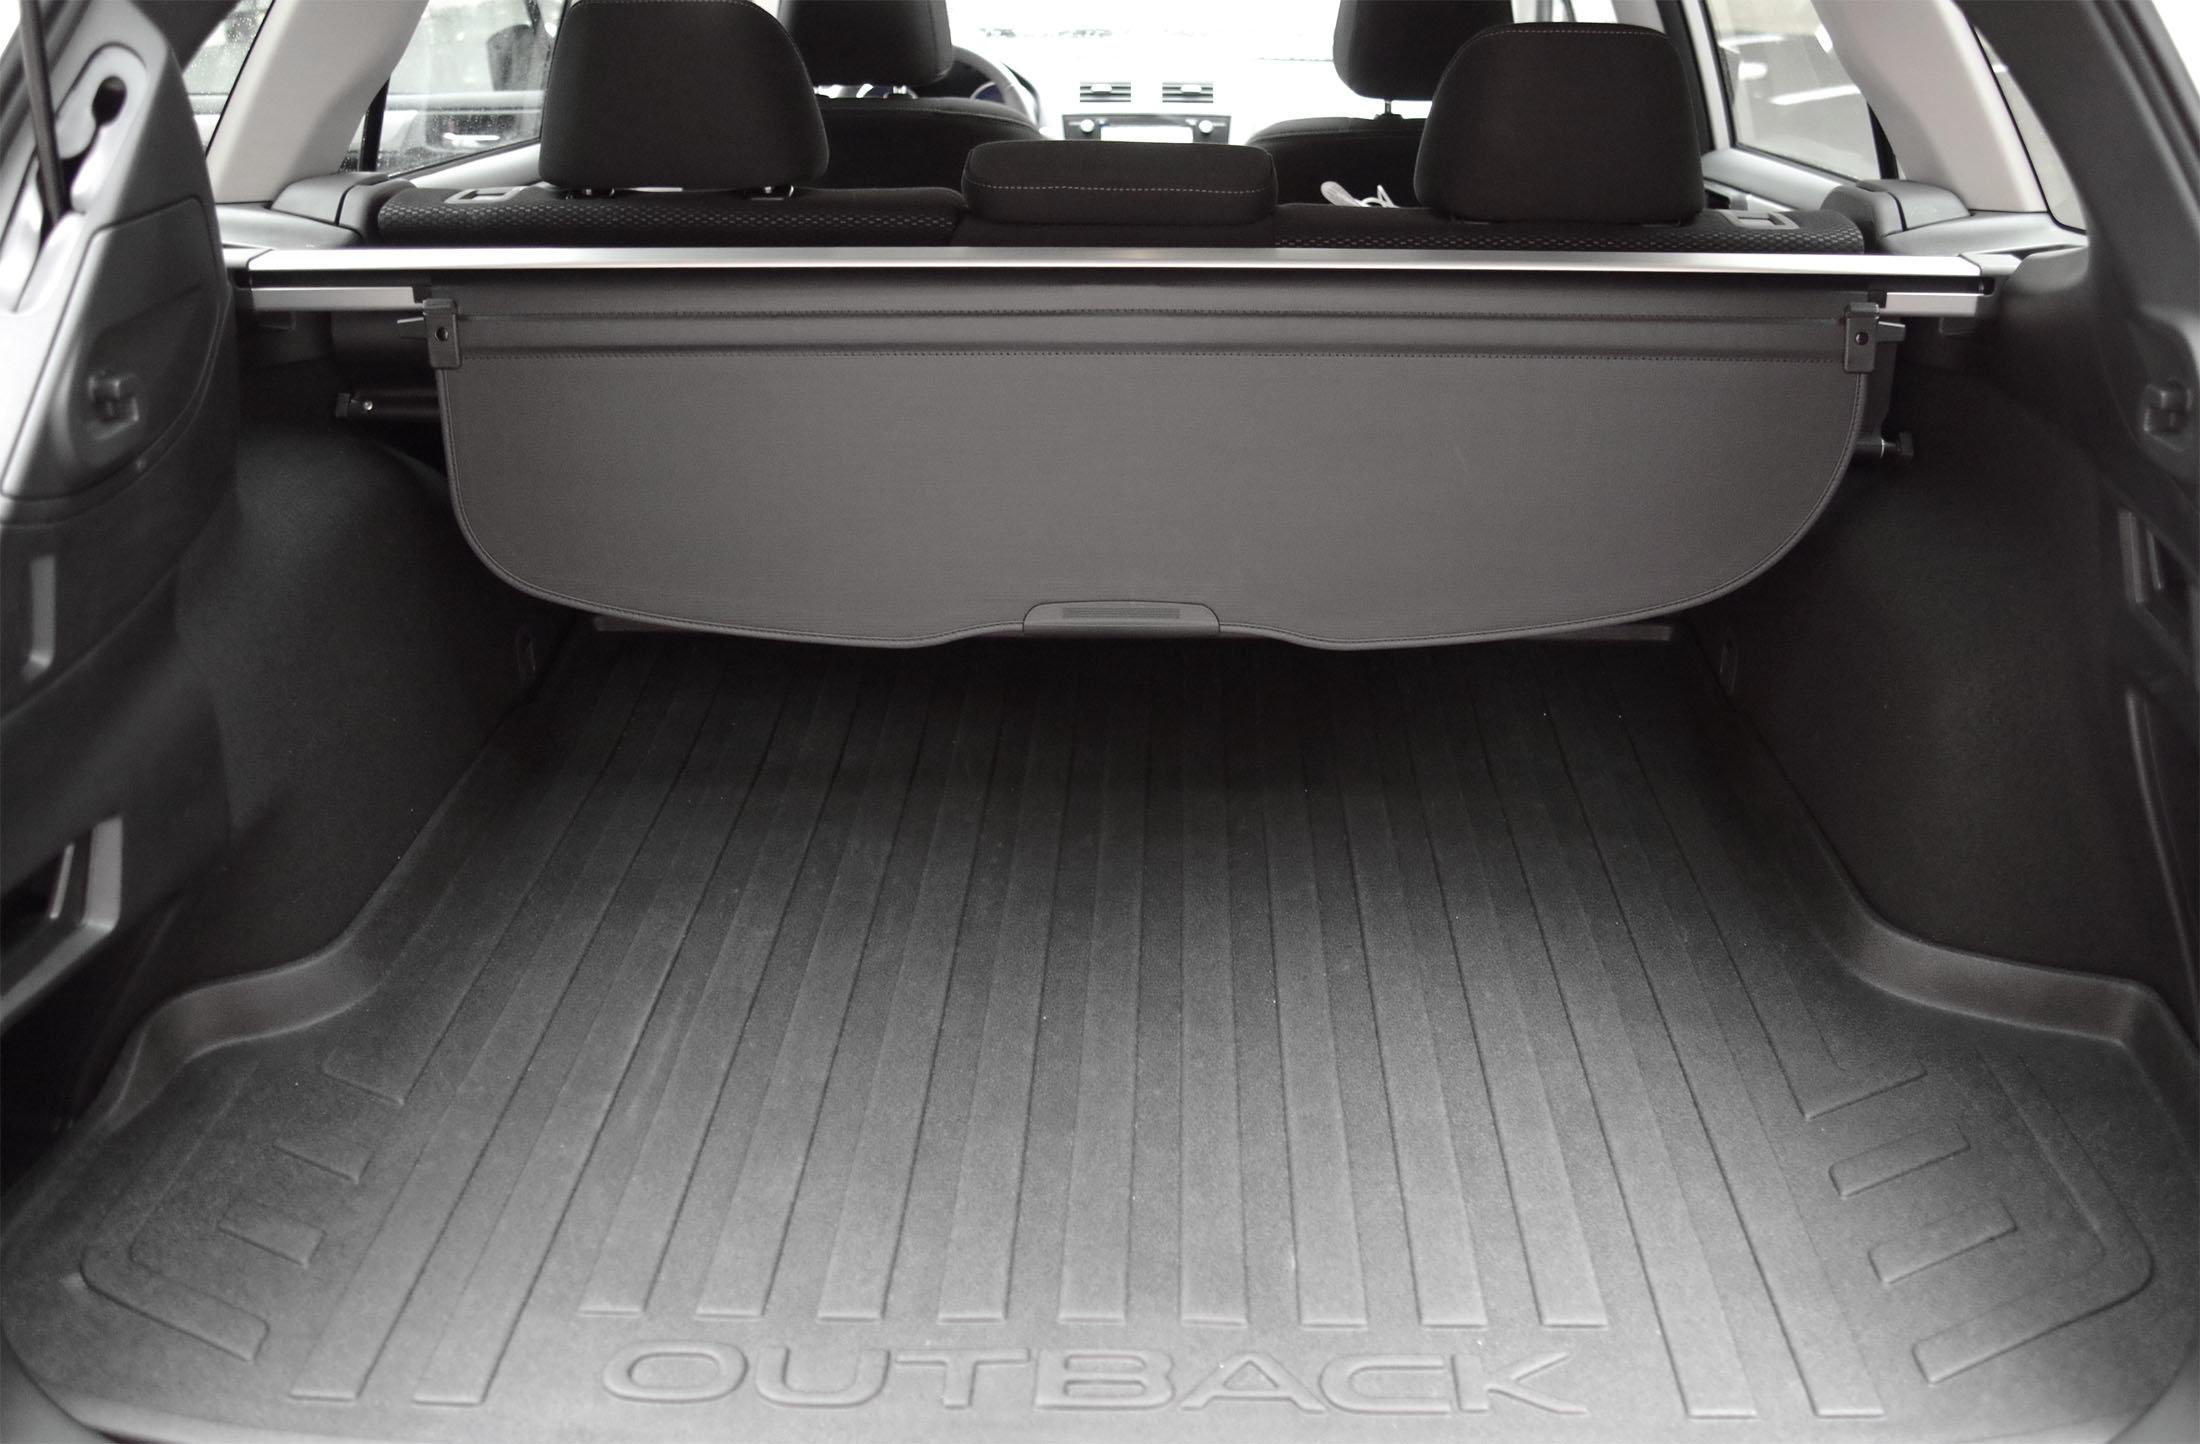 2015 Subaru Outback trunk